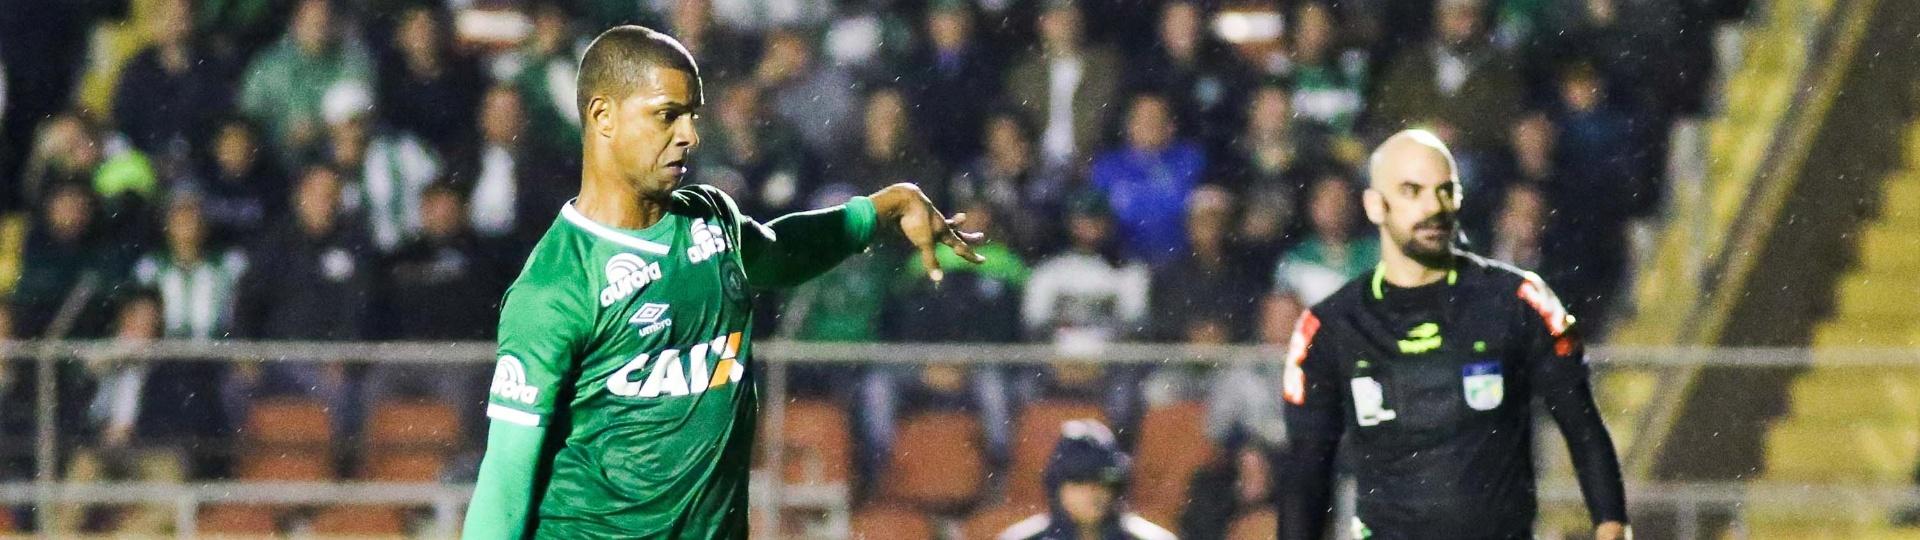 Bruno Rangel chuta e marca para a Chapecoense contra o Coritiba no Brasileirão